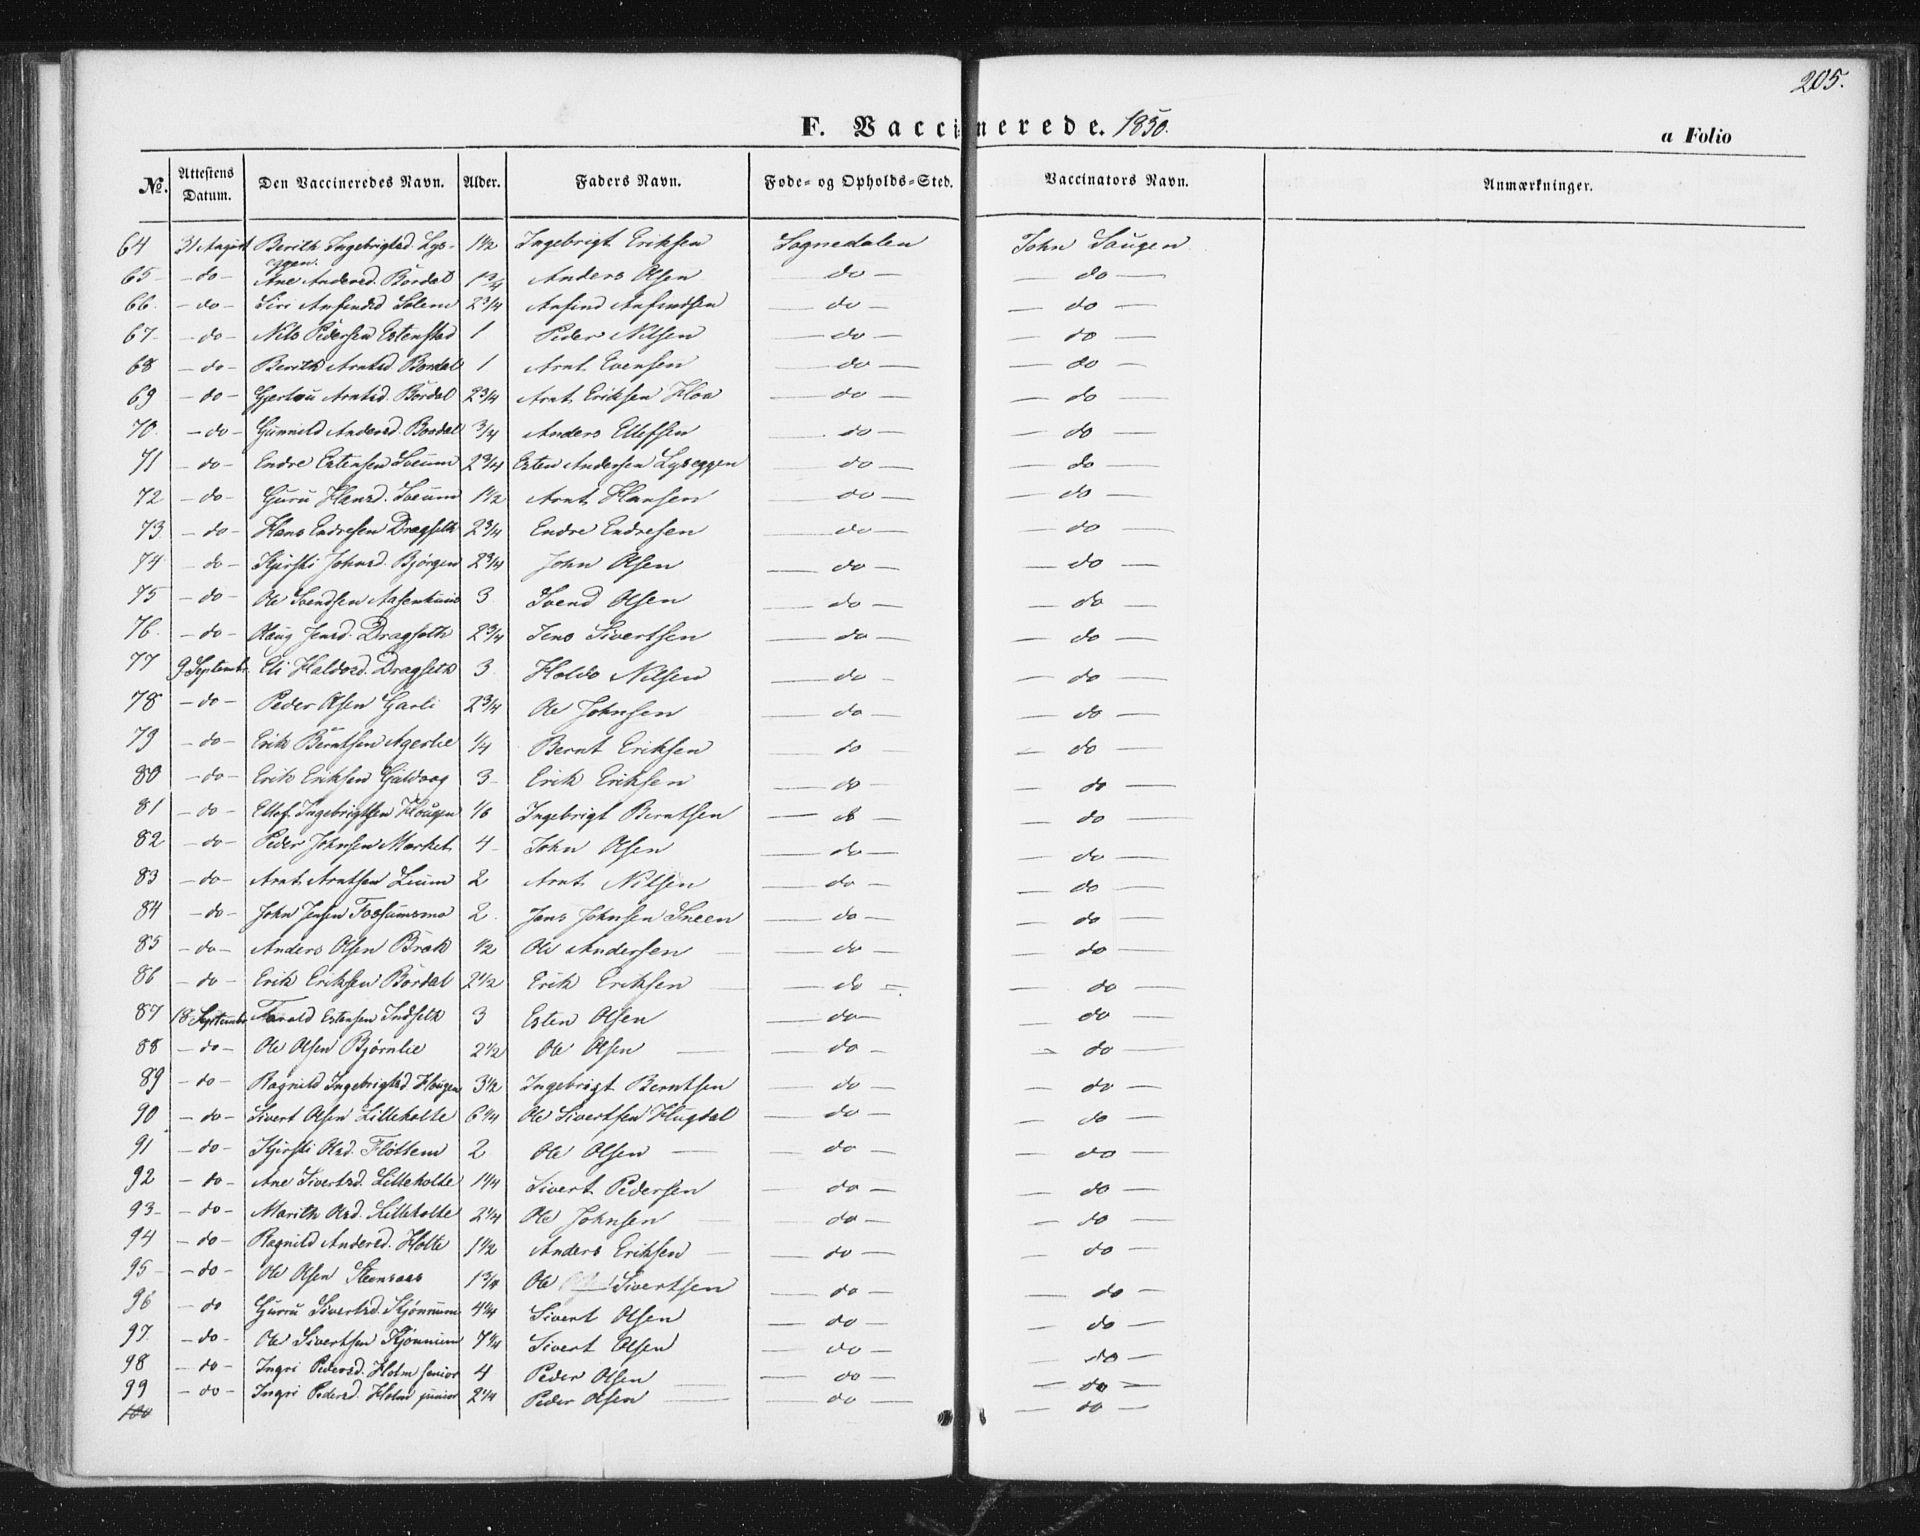 SAT, Ministerialprotokoller, klokkerbøker og fødselsregistre - Sør-Trøndelag, 689/L1038: Ministerialbok nr. 689A03, 1848-1872, s. 205